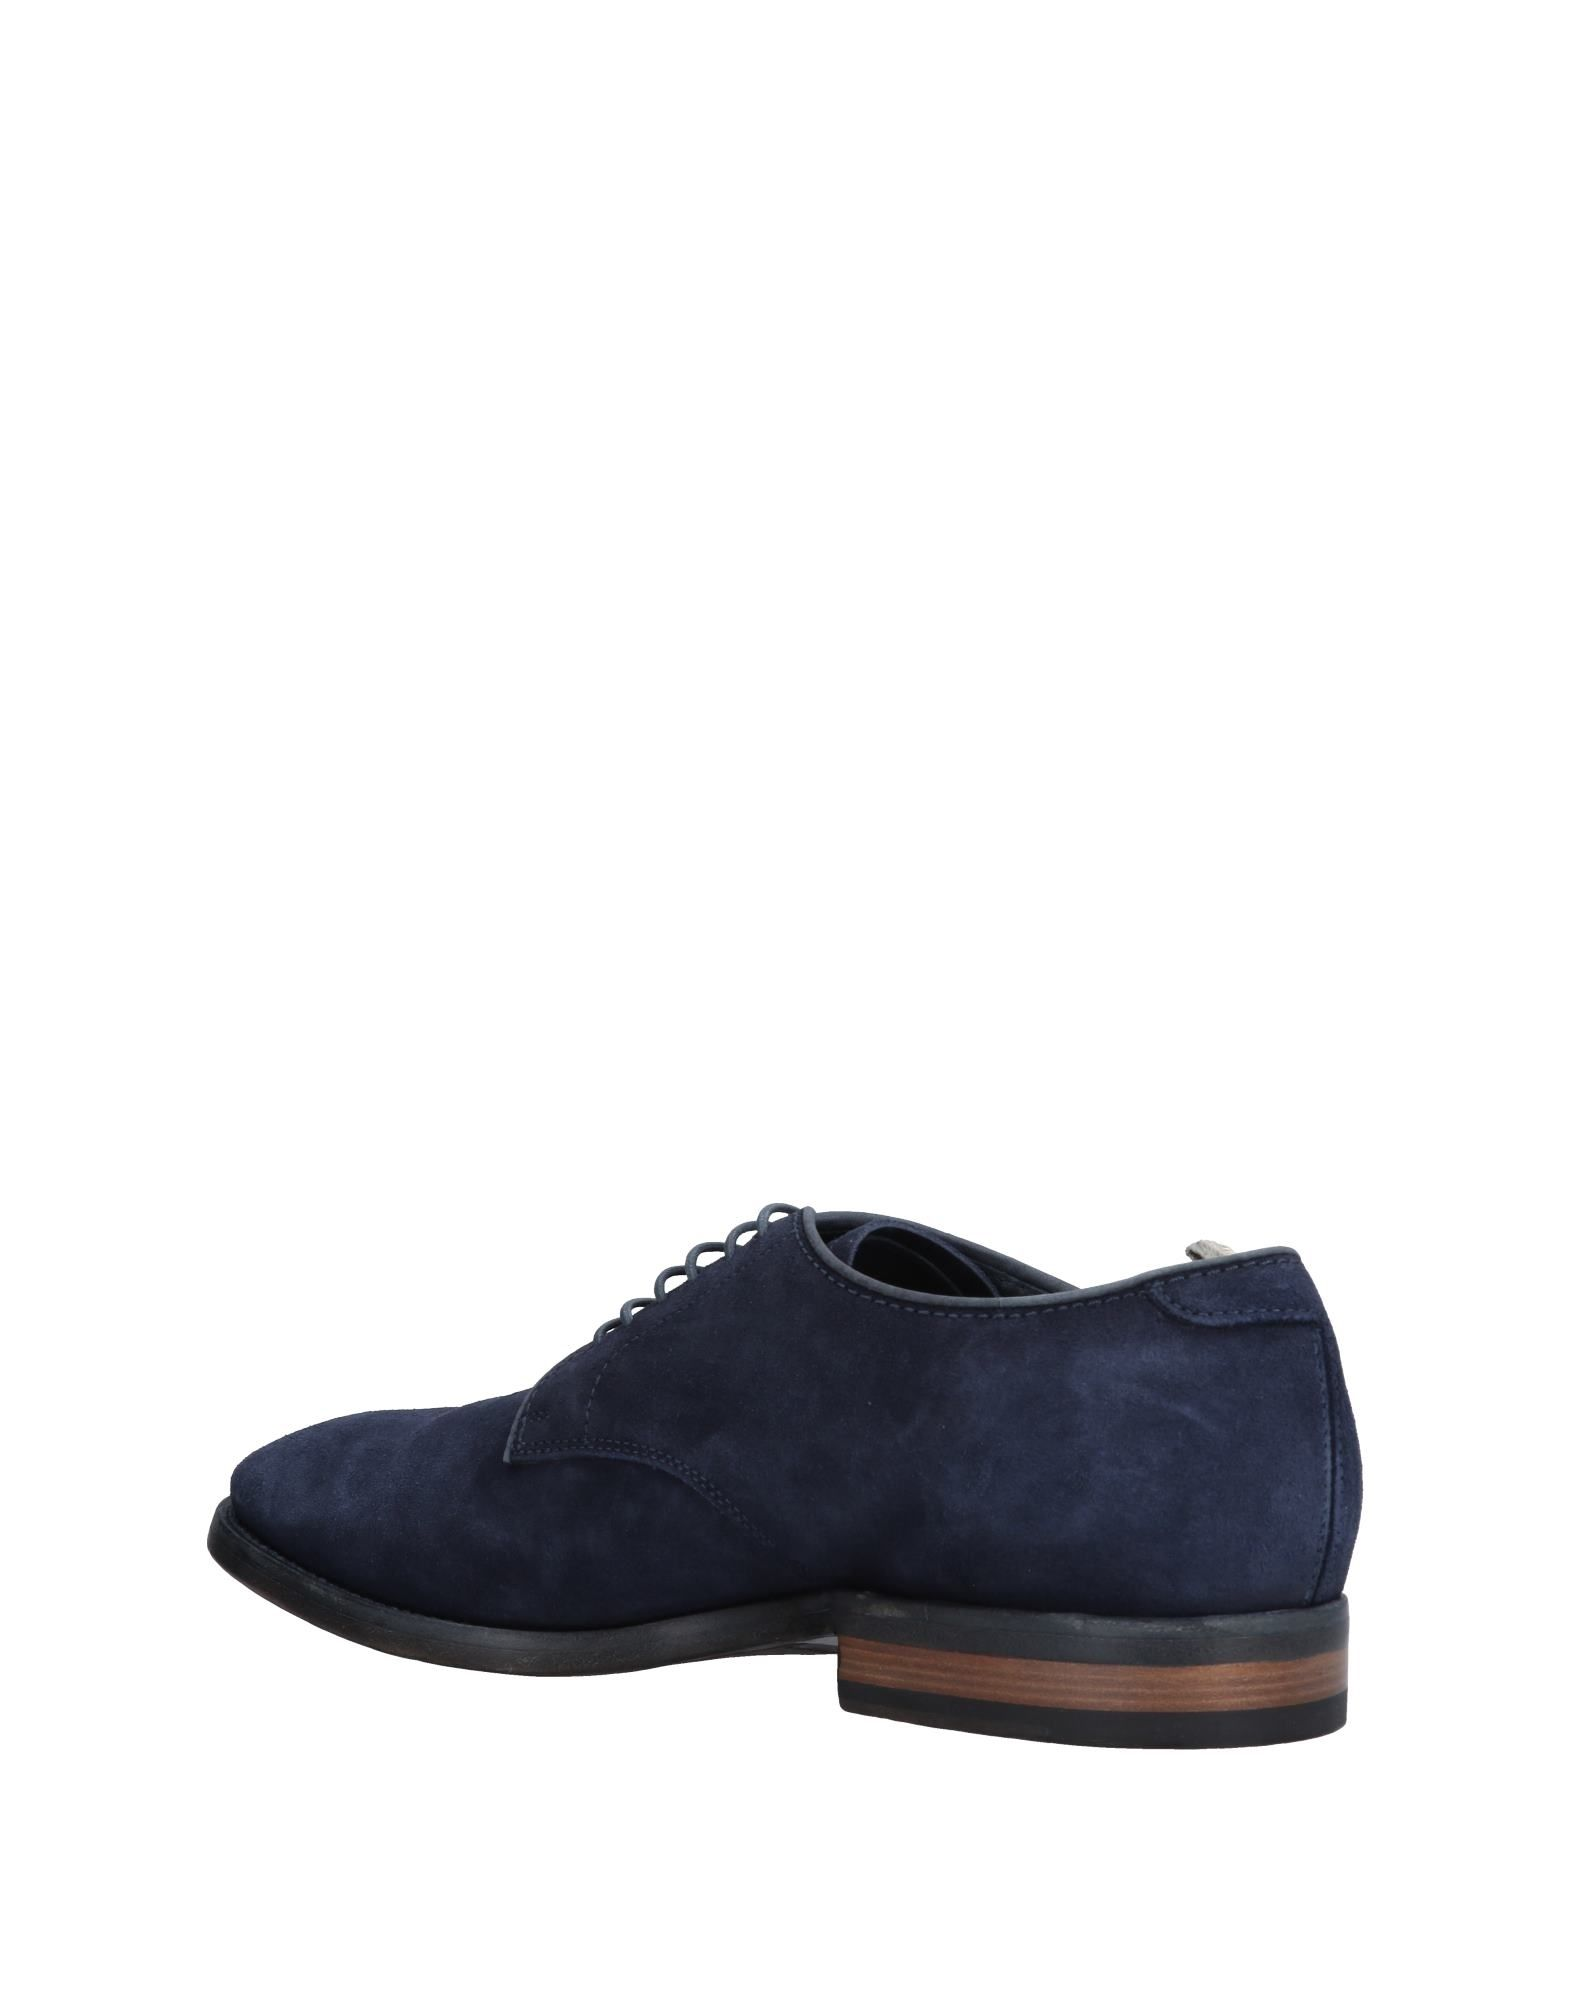 Officine Creative Italia Schnürschuhe Herren  11500629KB Gute Qualität beliebte Schuhe